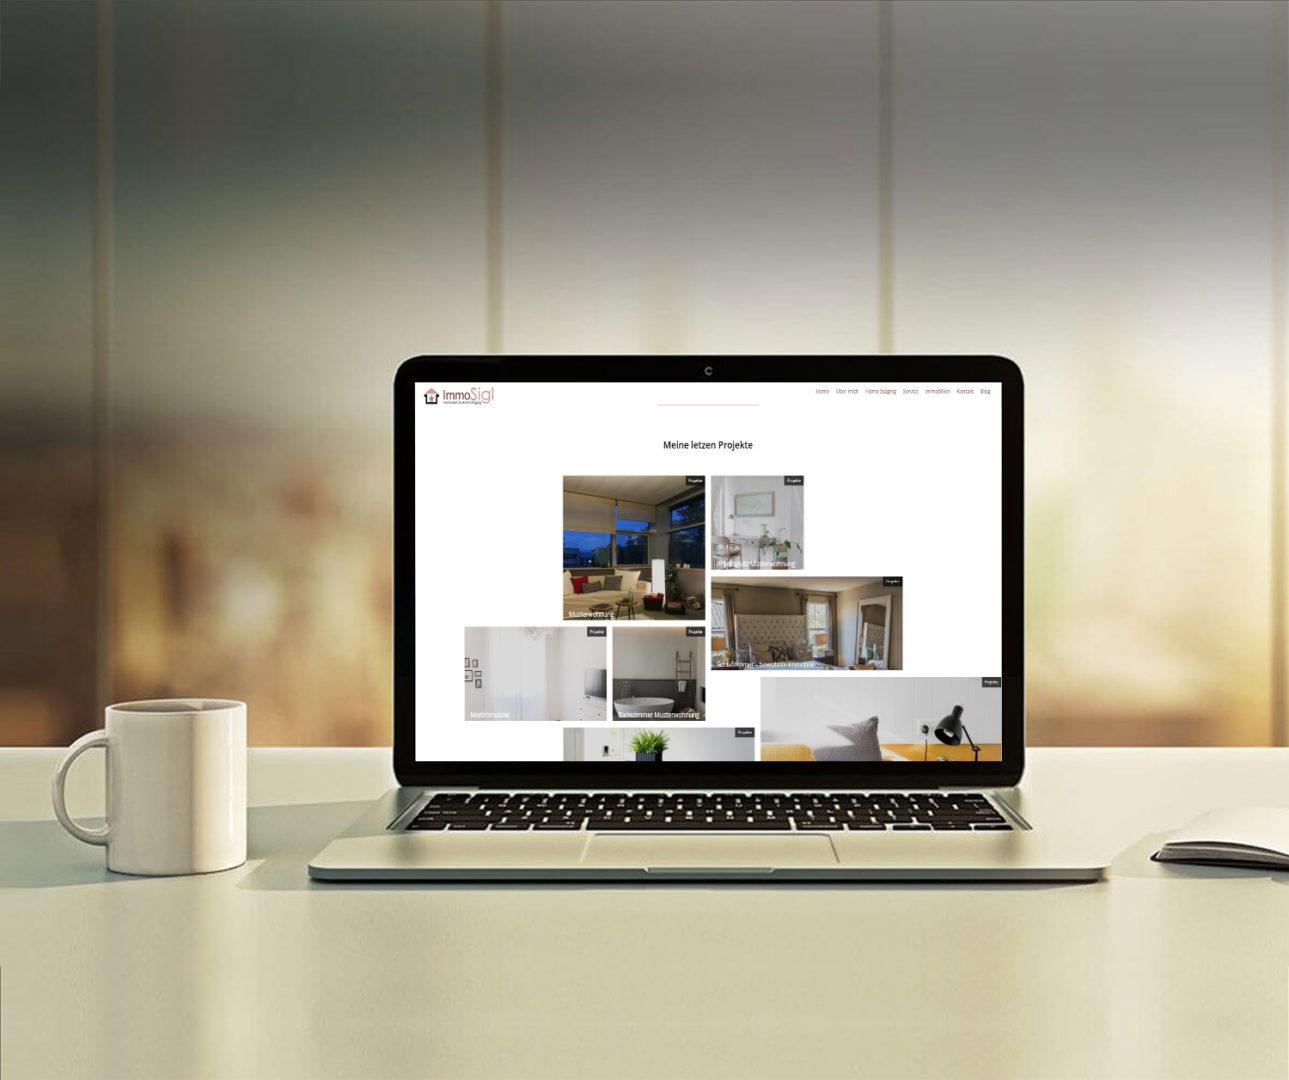 Das Highlight dieses Projektes war die Mosaik Struktur der Projekte und Blog Beiträgen. Dieses Mosaik Design passt perfekt zum Thema Home Staging und Interior und macht die Webseite frisch und lebendig.